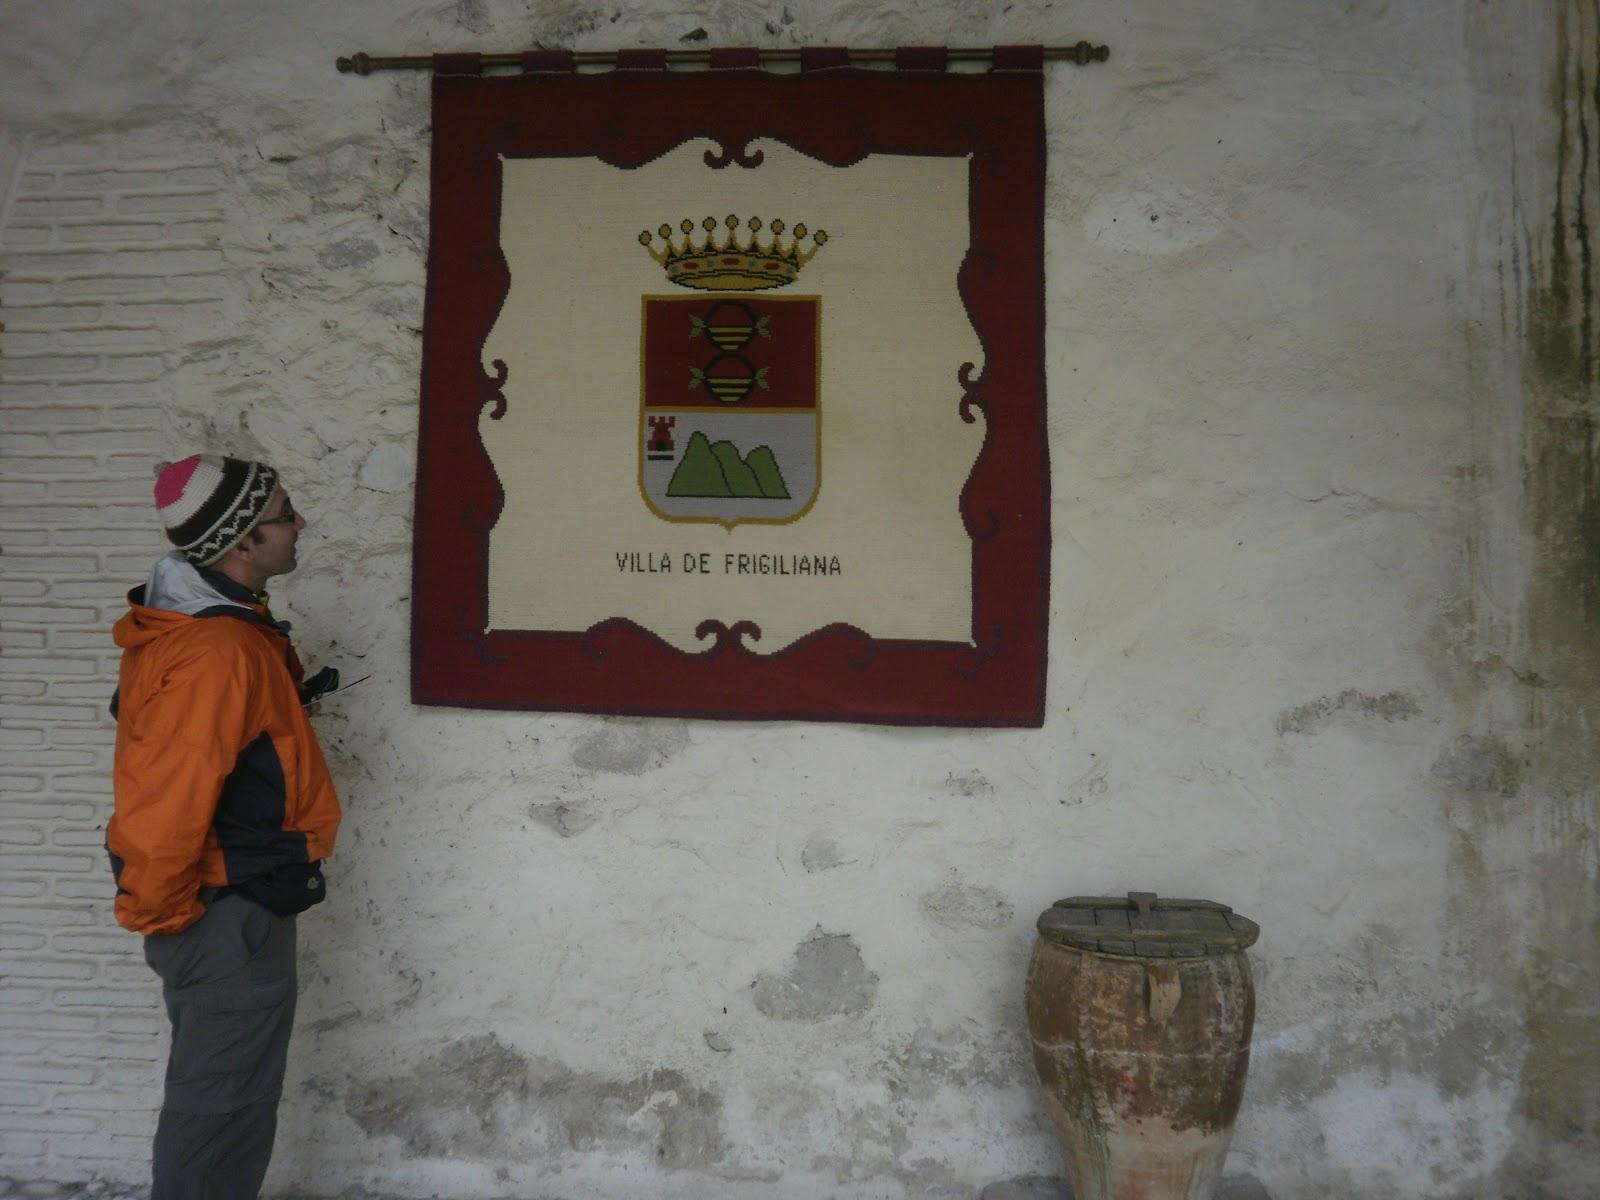 Unas rutas con sendas de madrid en la axarqu a del for Oficina turismo francia en madrid